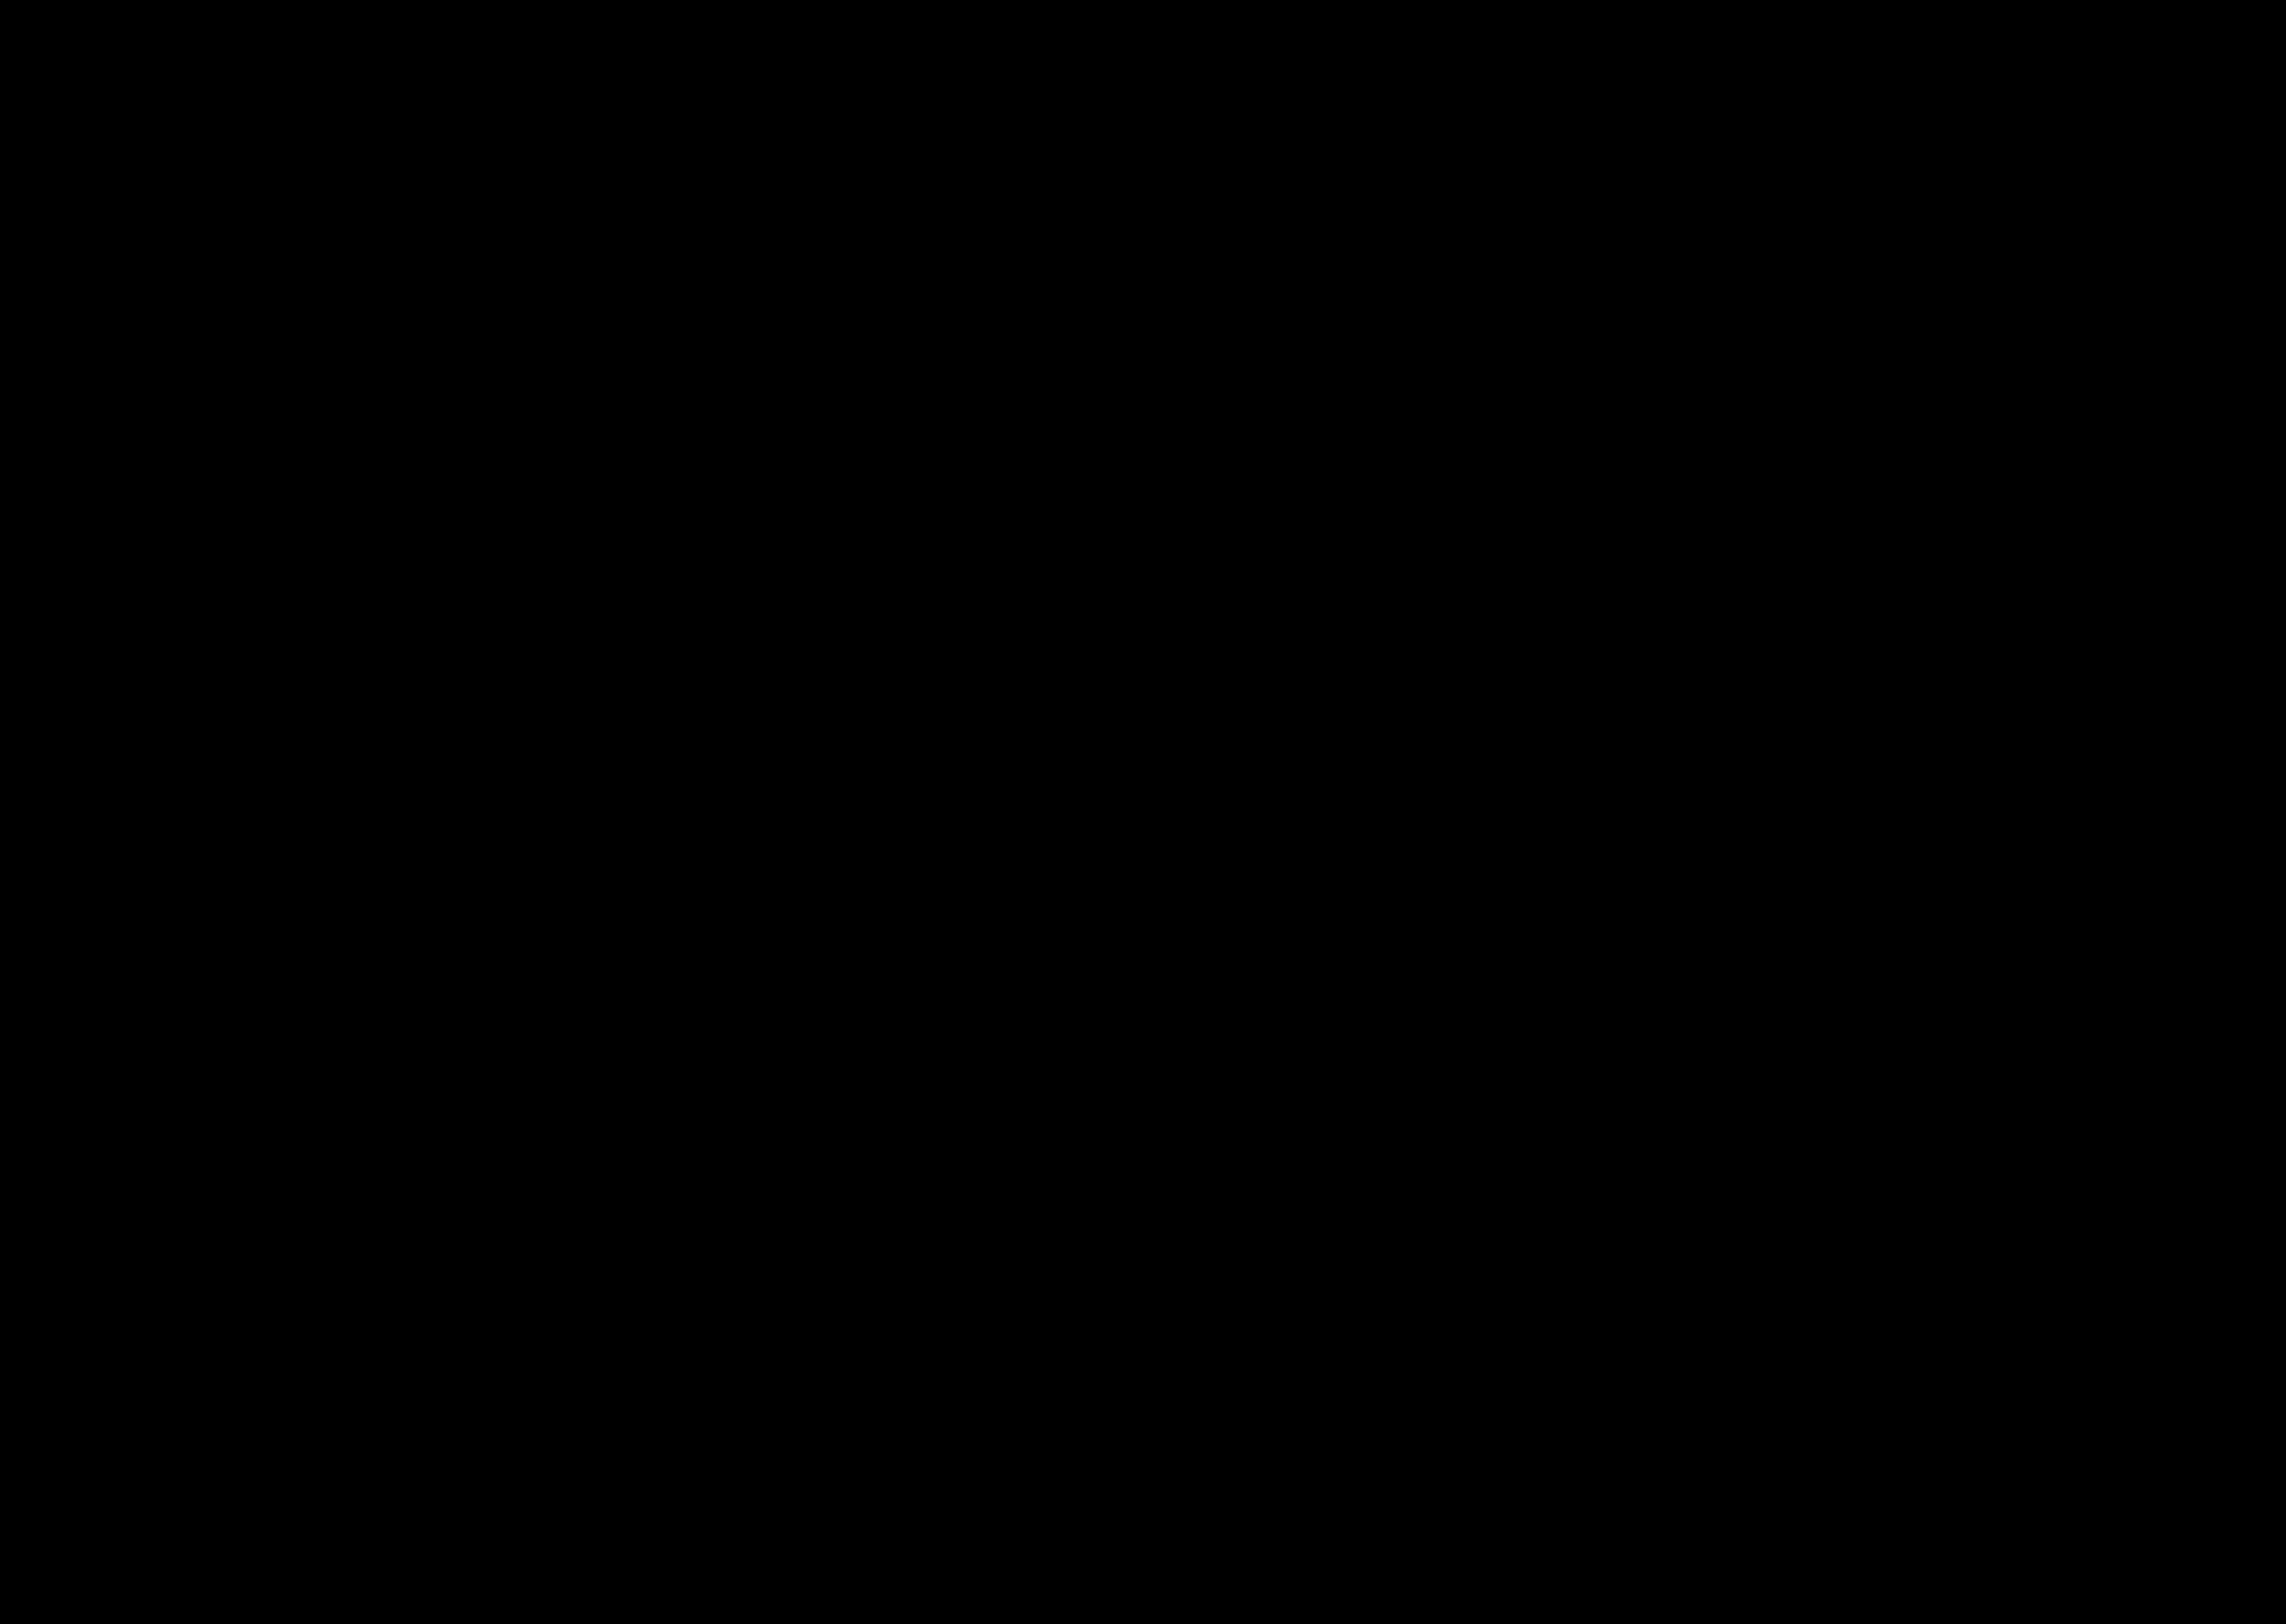 Wunderbar Scania Schaltplan Galerie - Elektrische Schaltplan-Ideen ...